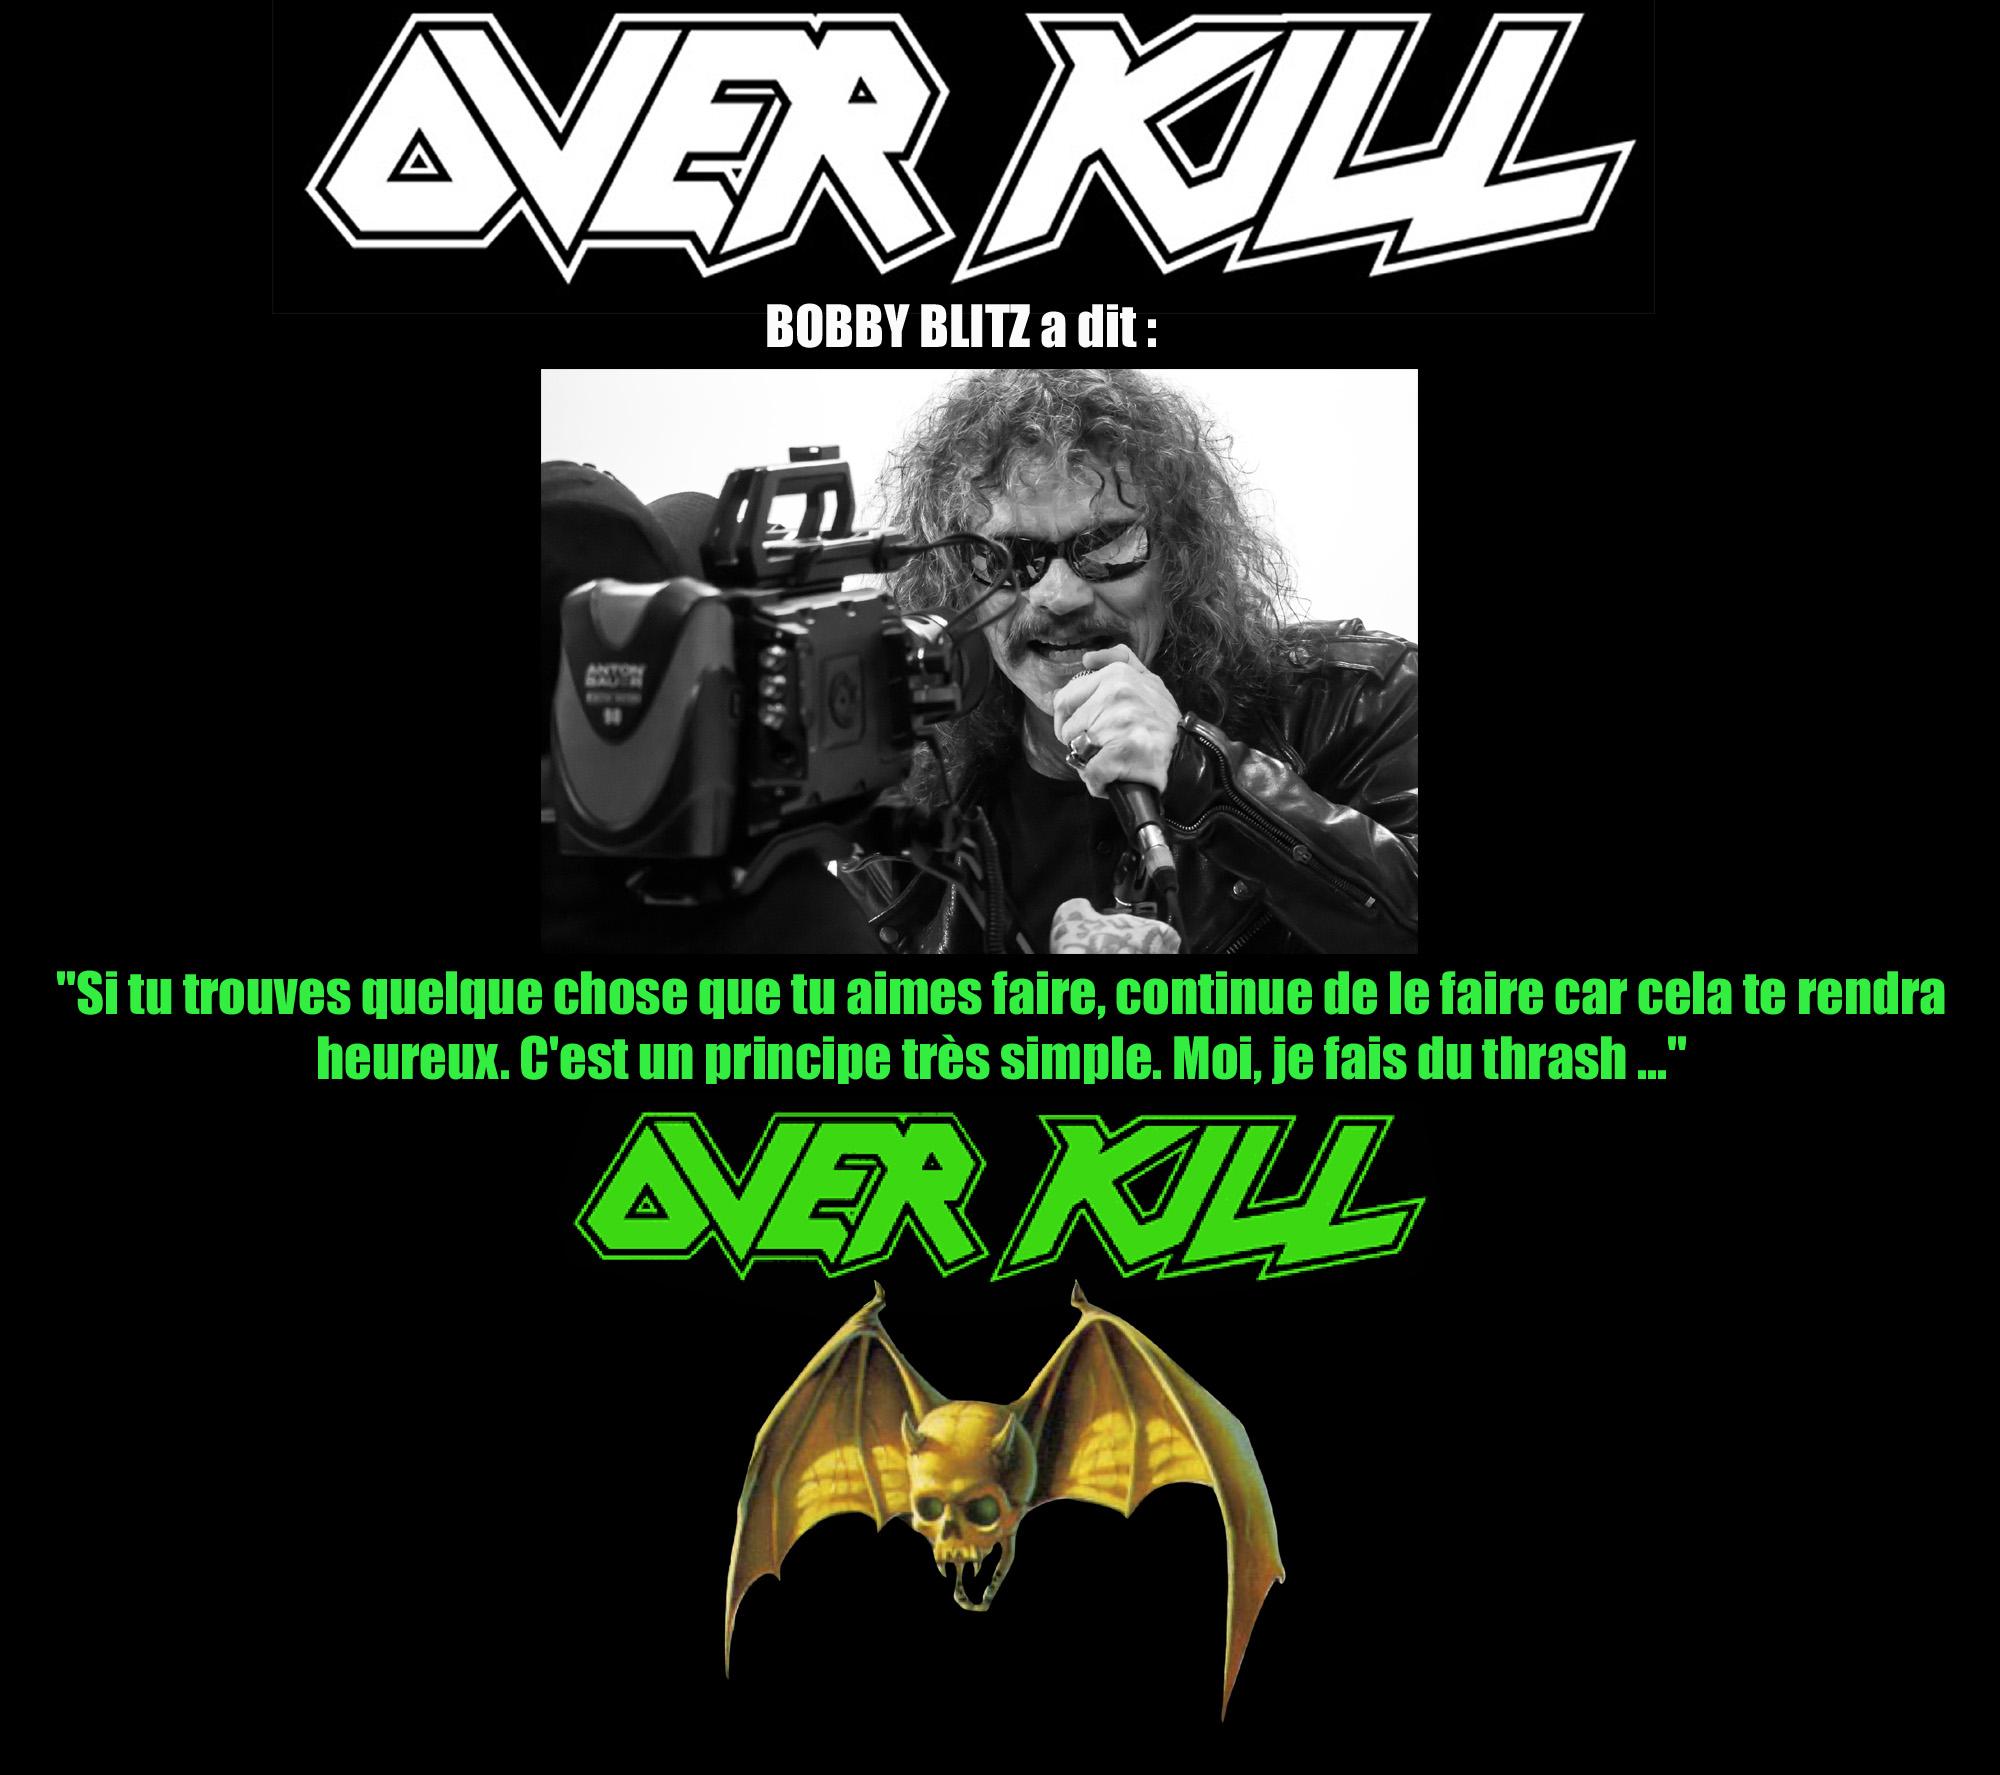 BOBBY BLITZ (Overkill) a dit ... sur l'envie de faire les choses Sans_218